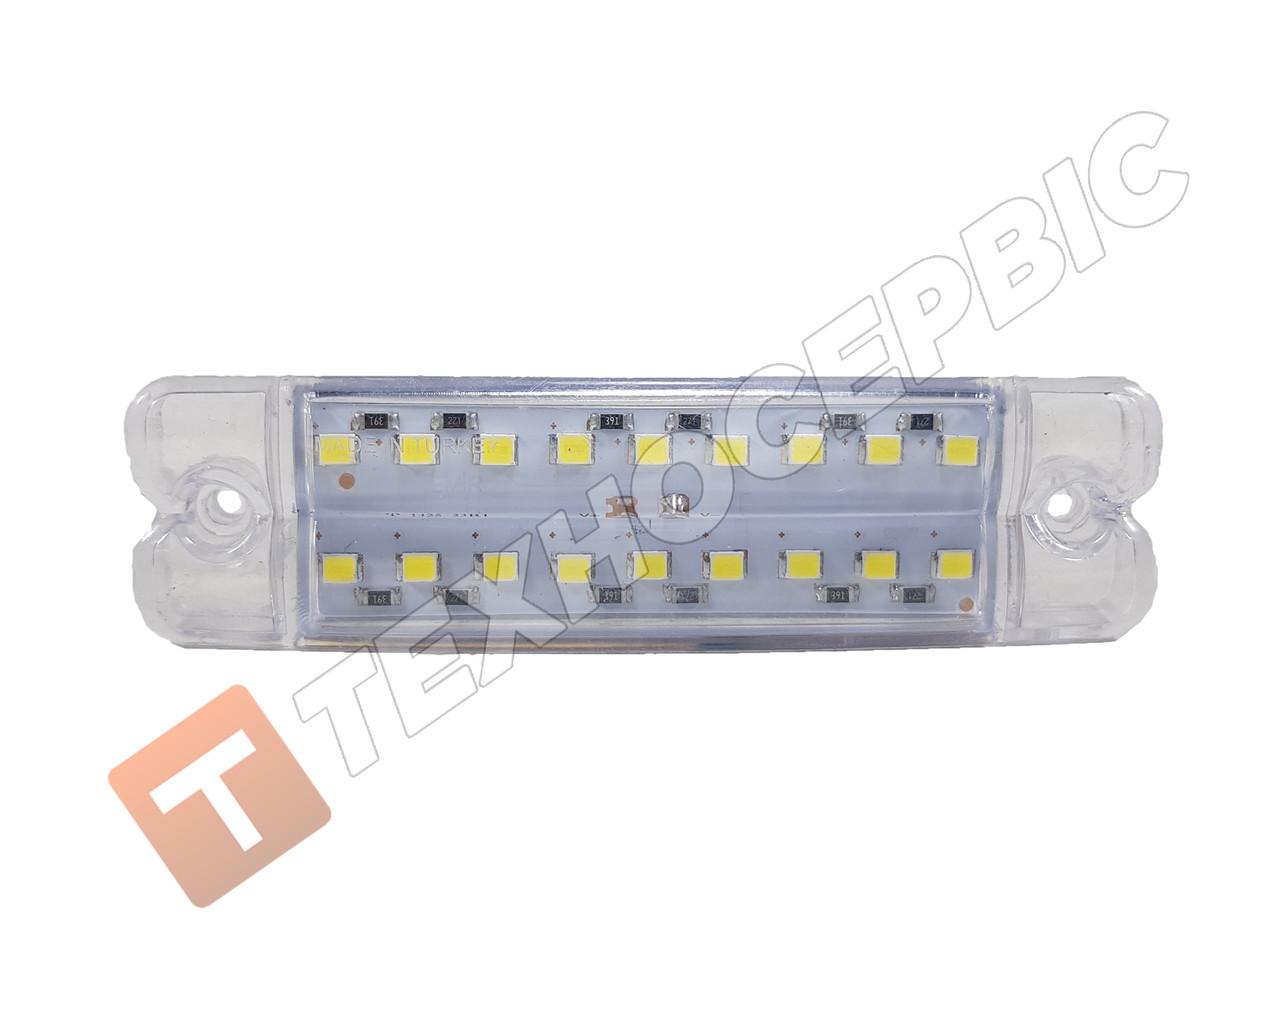 Фонарь габаритов 24v белый 18LED маркерный светодиодный (пр-во Турция)